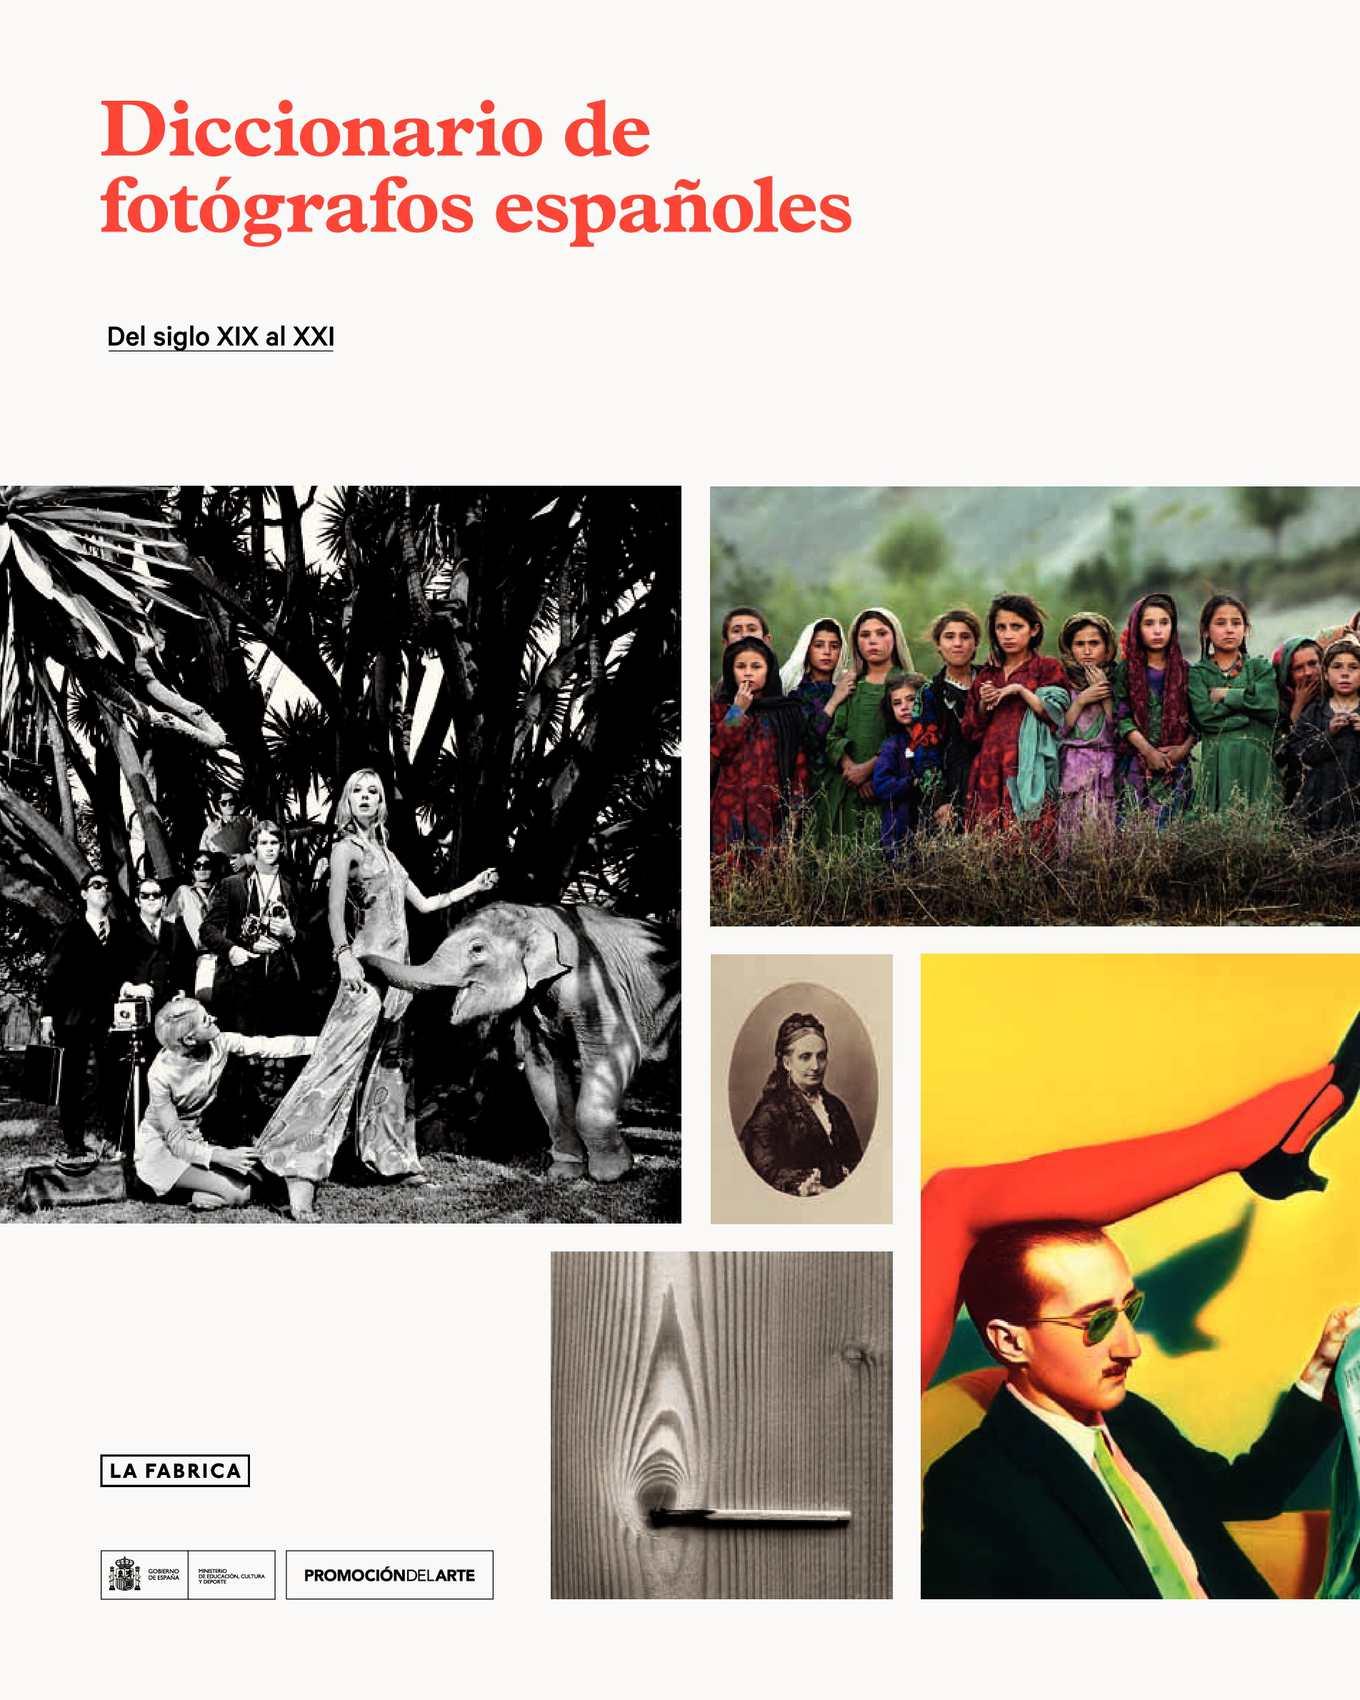 953d6a426b8 Calaméo - Diccionario de Fotógrafos Españoles. Del siglo XIX al XXI